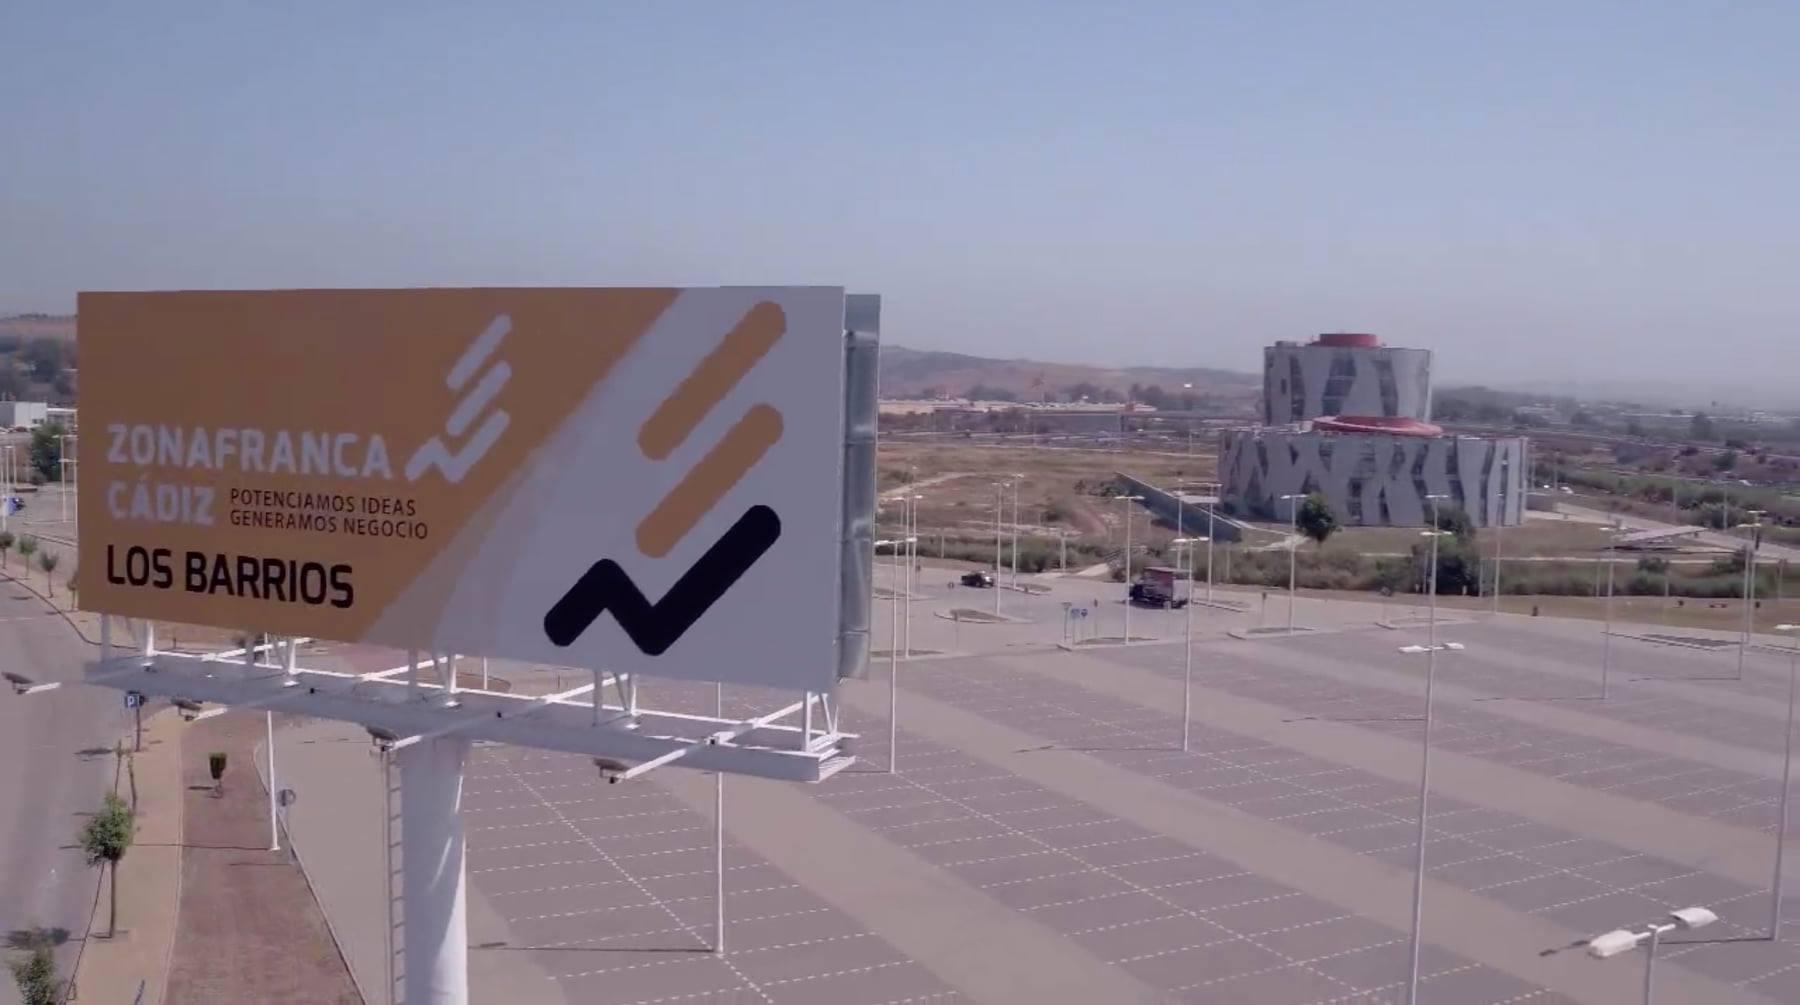 Zona Franca Cádiz aprueba las cuentas de 2019 tras la validación de una auditora y de la Intervención General del Estado